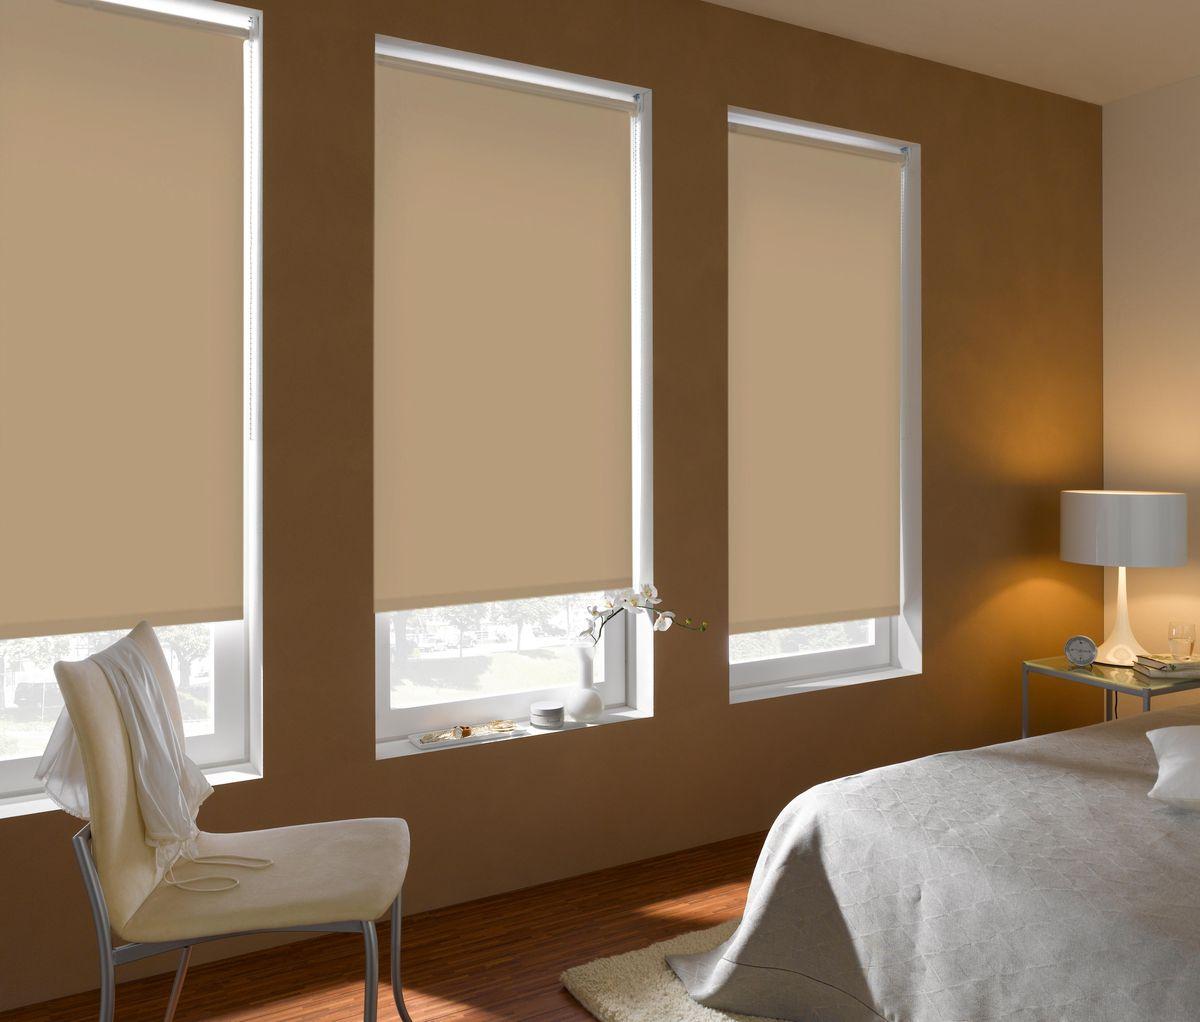 Штора рулонная Эскар Blackout, светонепроницаемая, цвет: бежевый, ширина 130 см, высота 170 см84009130170Рулонными шторами можно оформлять окна как самостоятельно, так и использовать в комбинации с портьерами. Это поможет предотвратить выгорание дорогой ткани на солнце и соединит функционал рулонных с красотой навесных.Преимущества применения рулонных штор для пластиковых окон:- имеют прекрасный внешний вид: многообразие и фактурность материала изделия отлично смотрятся в любом интерьере; - многофункциональны: есть возможность подобрать шторы способные эффективно защитить комнату от солнца, при этом она не будет слишком темной.- Есть возможность осуществить быстрый монтаж.ВНИМАНИЕ! Размеры ширины изделия указаны по ширине ткани!Во время эксплуатации не рекомендуется полностью разматывать рулон, чтобы не оторвать ткань от намоточного вала.В случае загрязнения поверхности ткани, чистку шторы проводят одним из способов, в зависимости от типа загрязнения: легкое поверхностное загрязнение можно удалить при помощи канцелярского ластика; чистка от пыли производится сухим методом при помощи пылесоса с мягкой щеткой-насадкой; для удаления пятна используйте мягкую губку с пенообразующим неагрессивным моющим средством или пятновыводитель на натуральной основе (нельзя применять растворители).